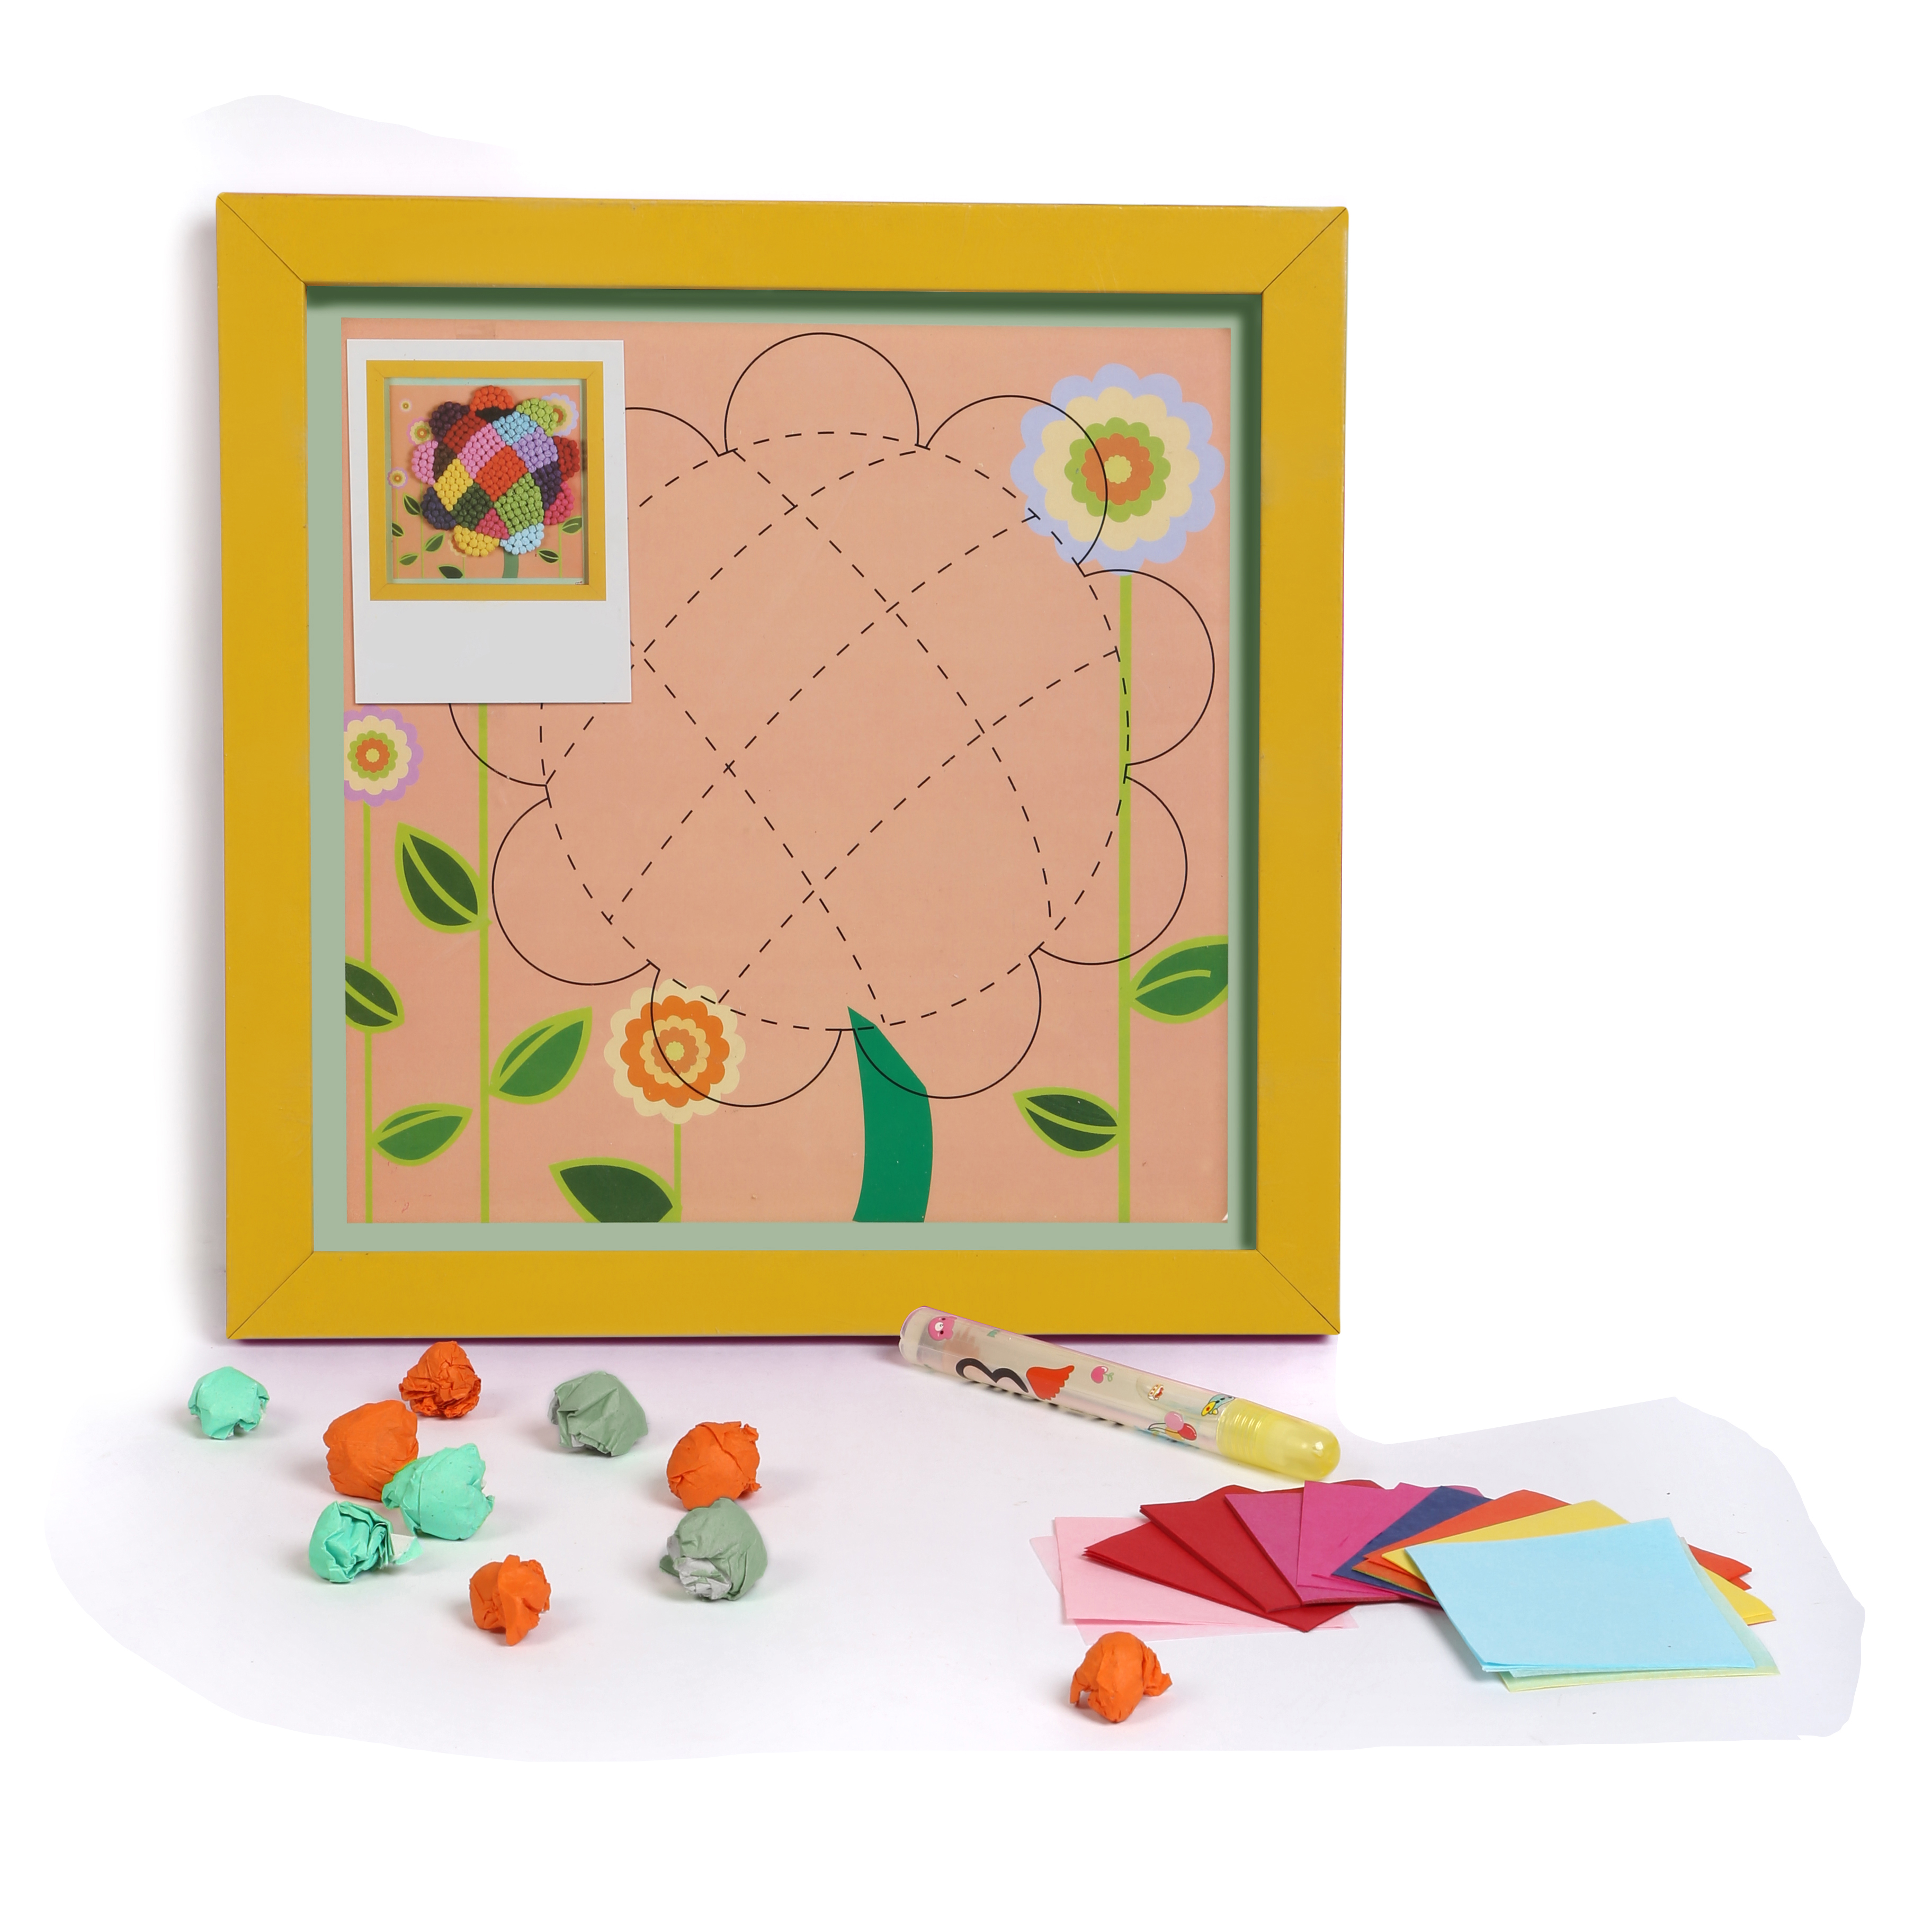 wwwbabyoodlescom Diy 3d Paper Craft Wall Hanging Flower